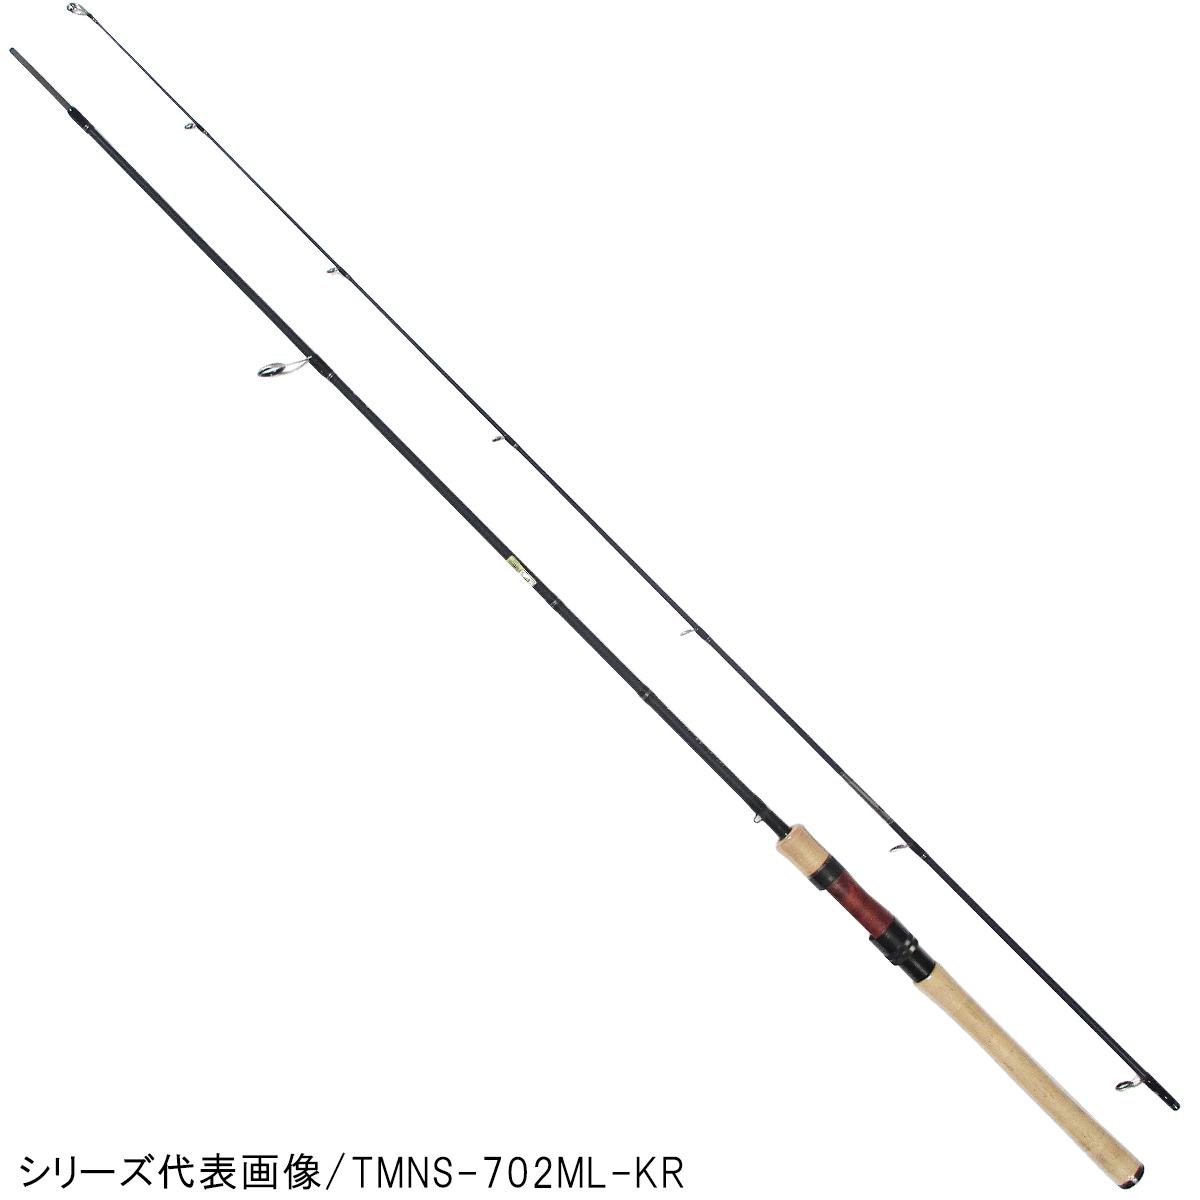 トラウティン マーキス ナノ TMNS-802H-KR【送料無料】